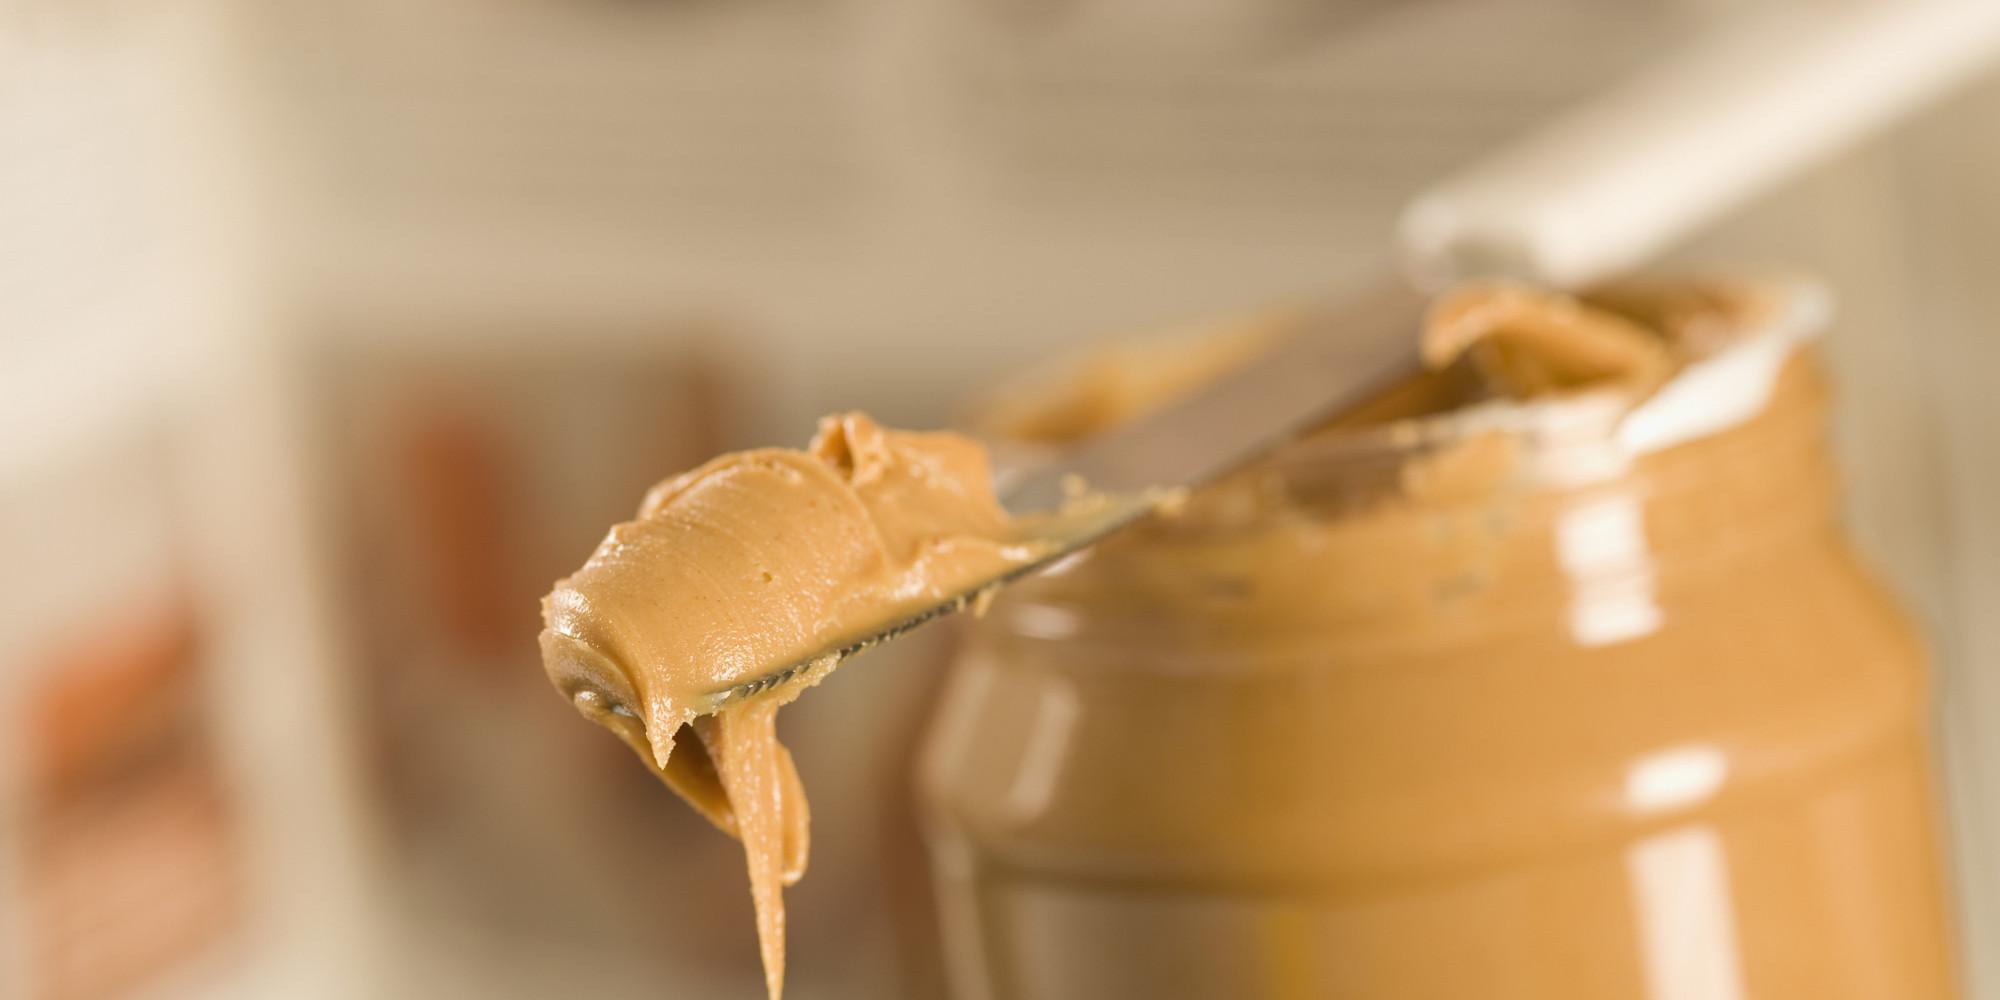 Peanut  Almond-Butter Recall